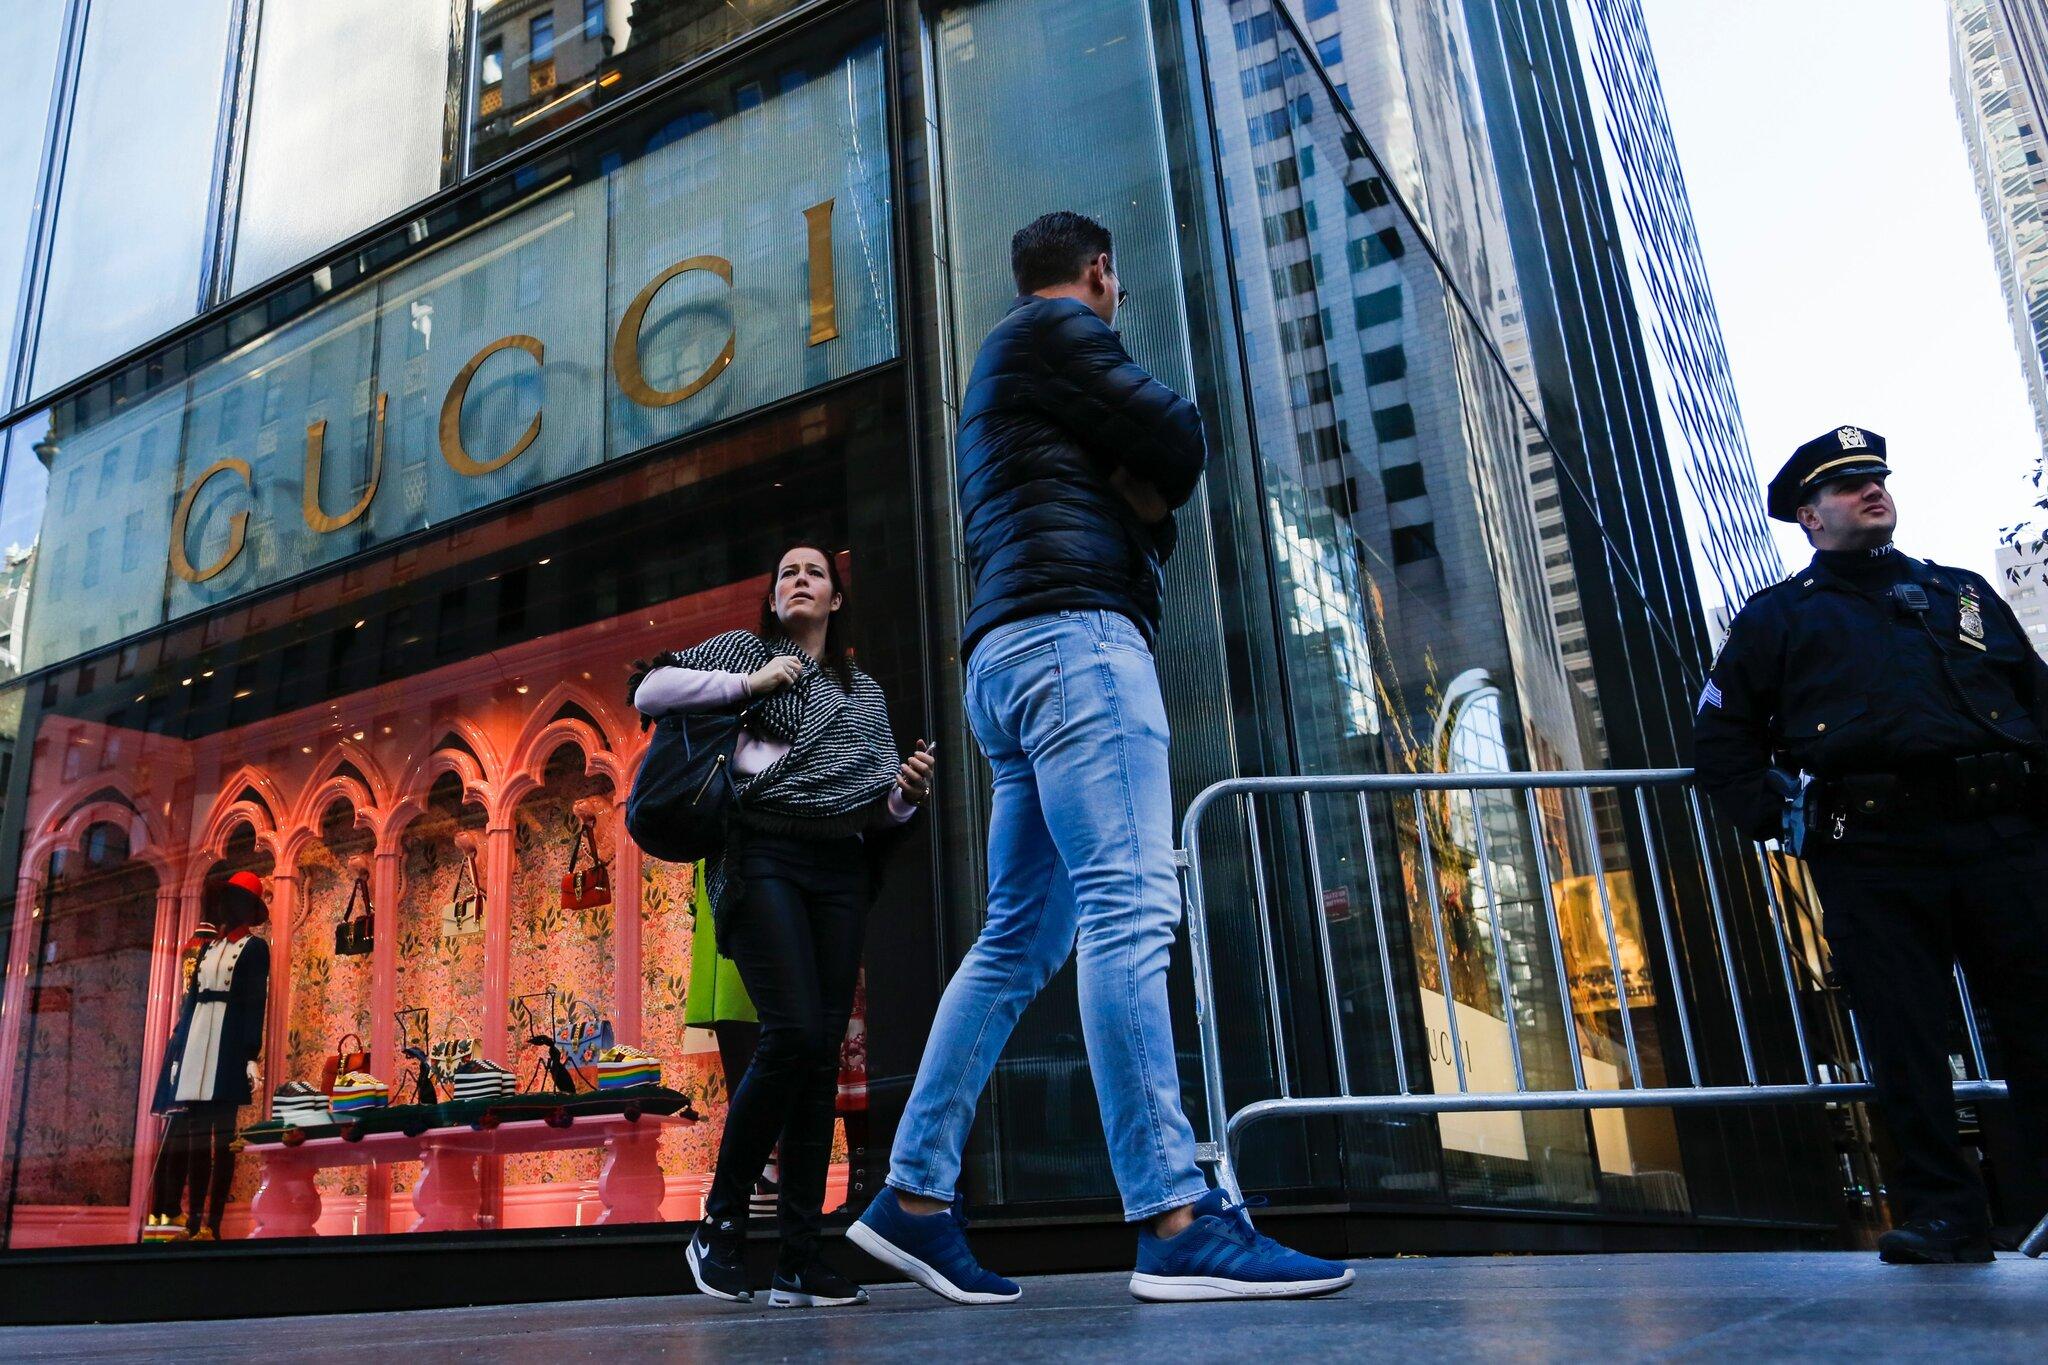 Gucci 将延长在曼哈顿特朗普大厦的租期